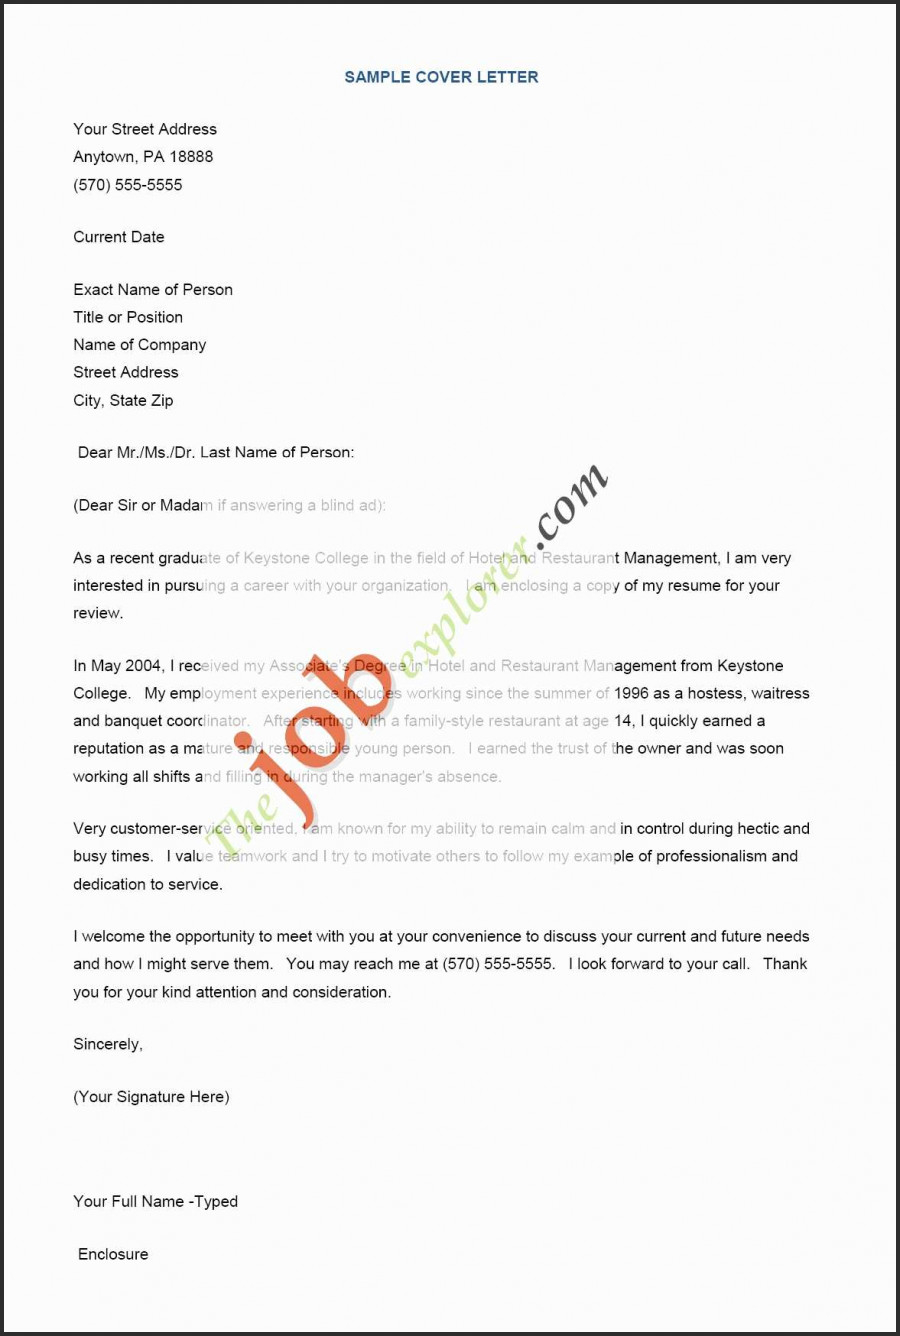 Cover Letter Template Restaurant - Resume Templates Restaurant Resume Template Best Cover Letter